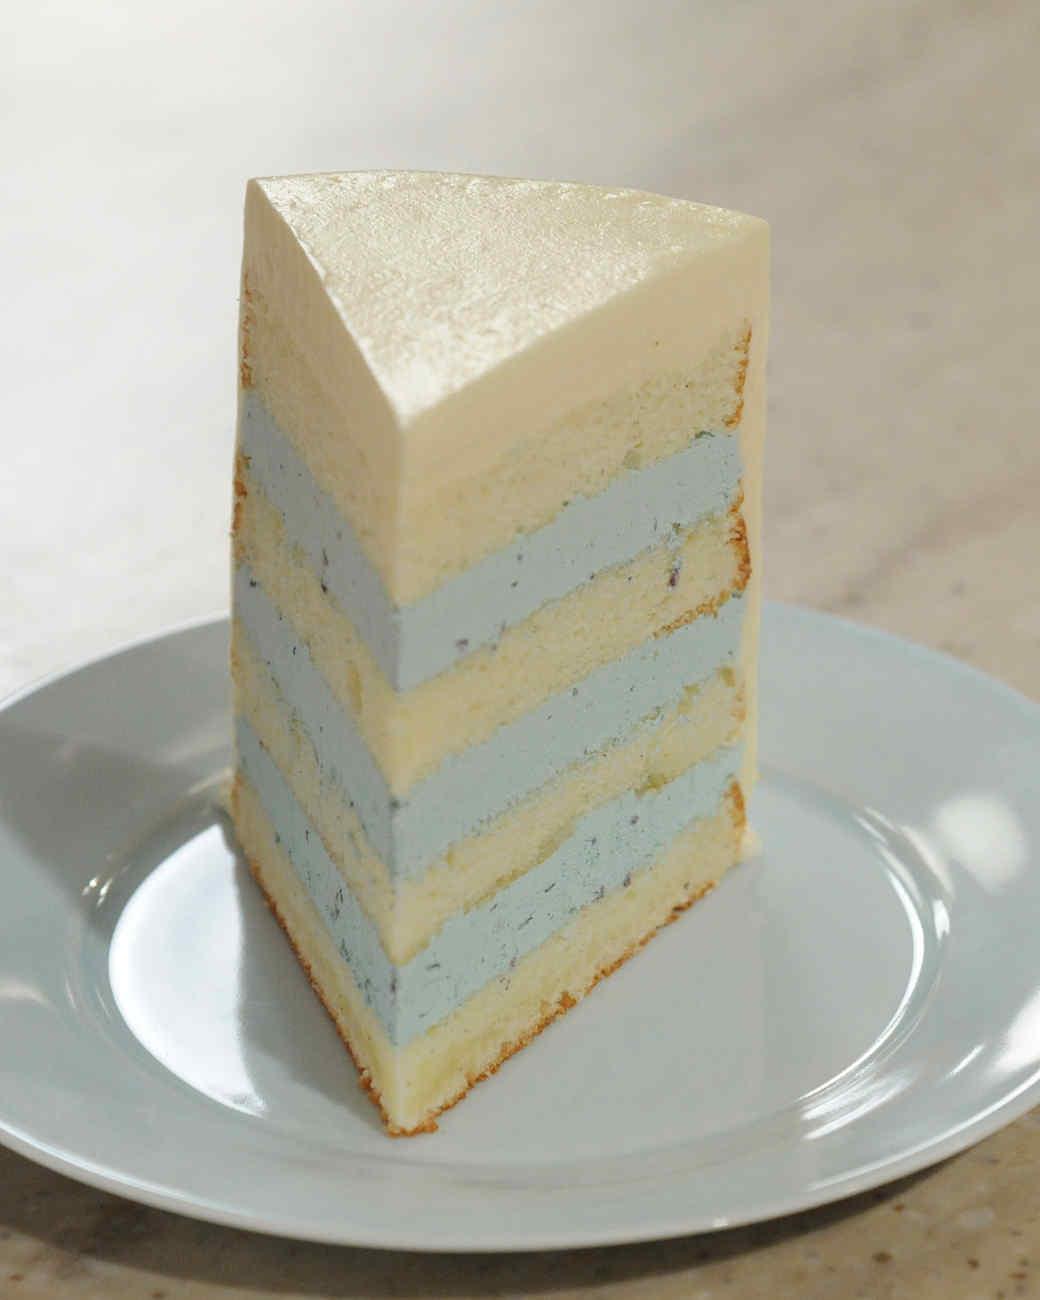 cake-baby-gender-reveal-mslb7087.jpg